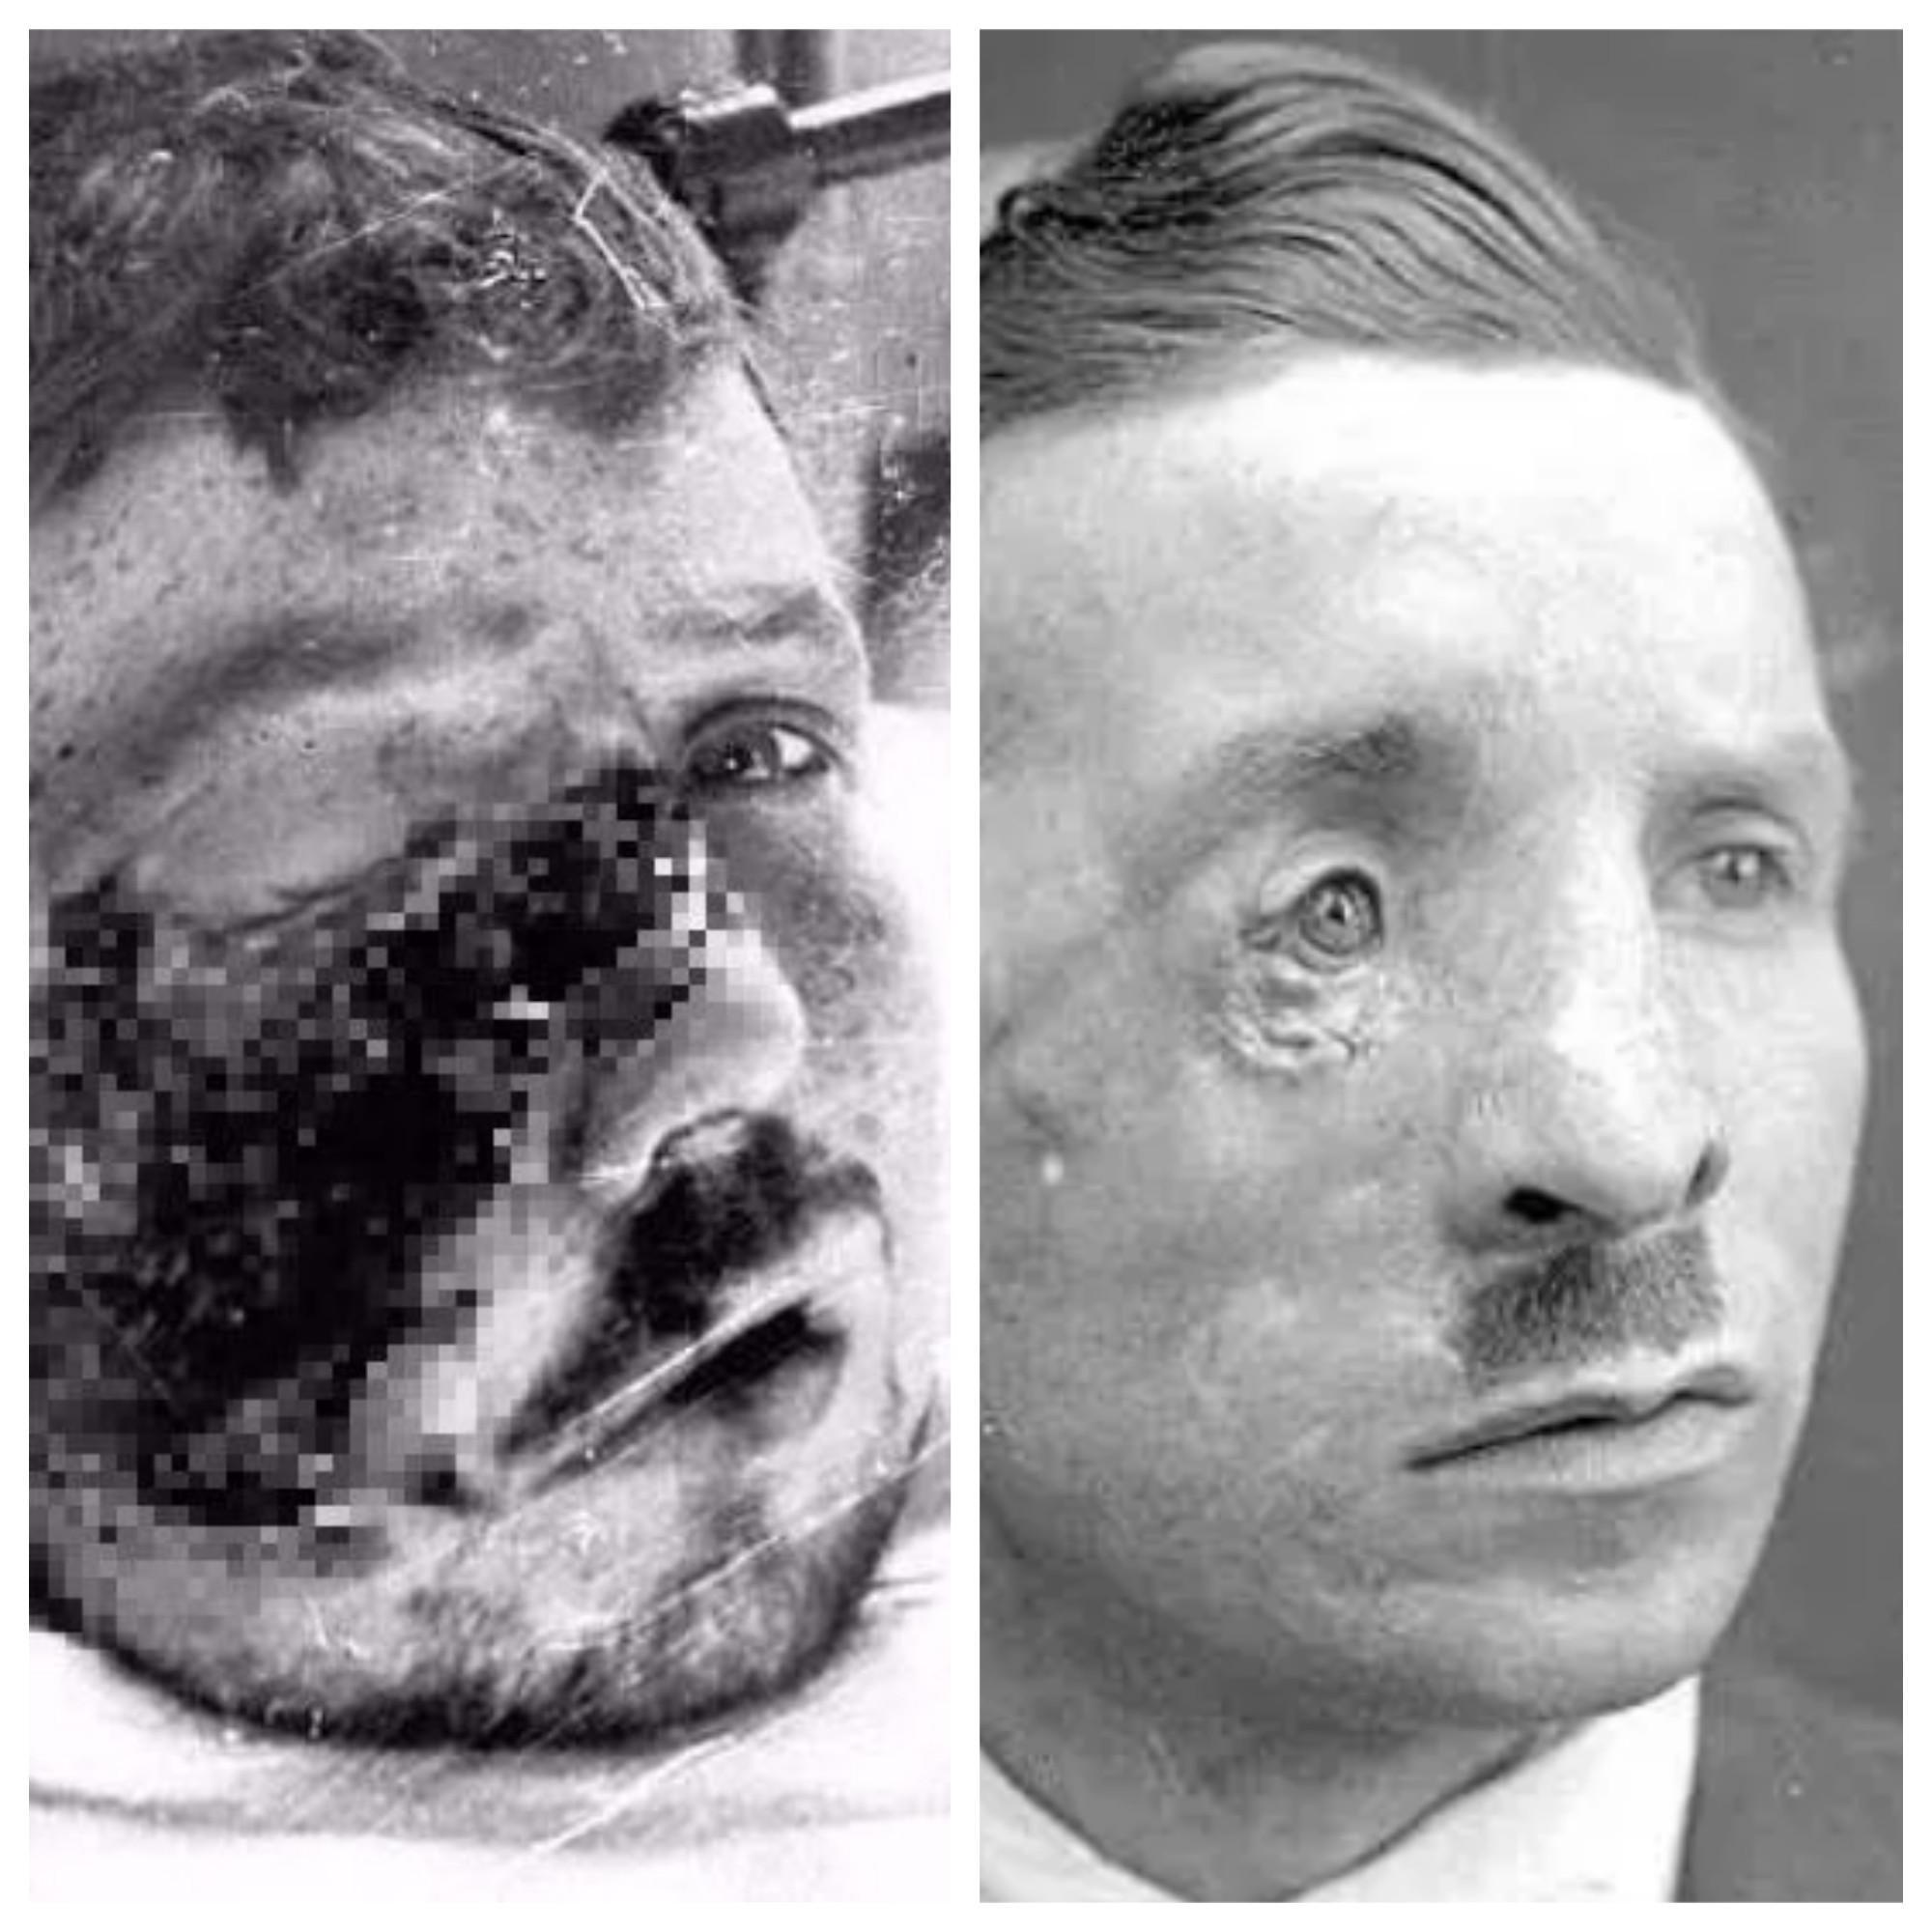 Foto sebelum dan sesudah Prajurit Harold Page melakukan operasi plastik karena wajahnya terluka akibat perang. Credits: Media Drum World via The Sun